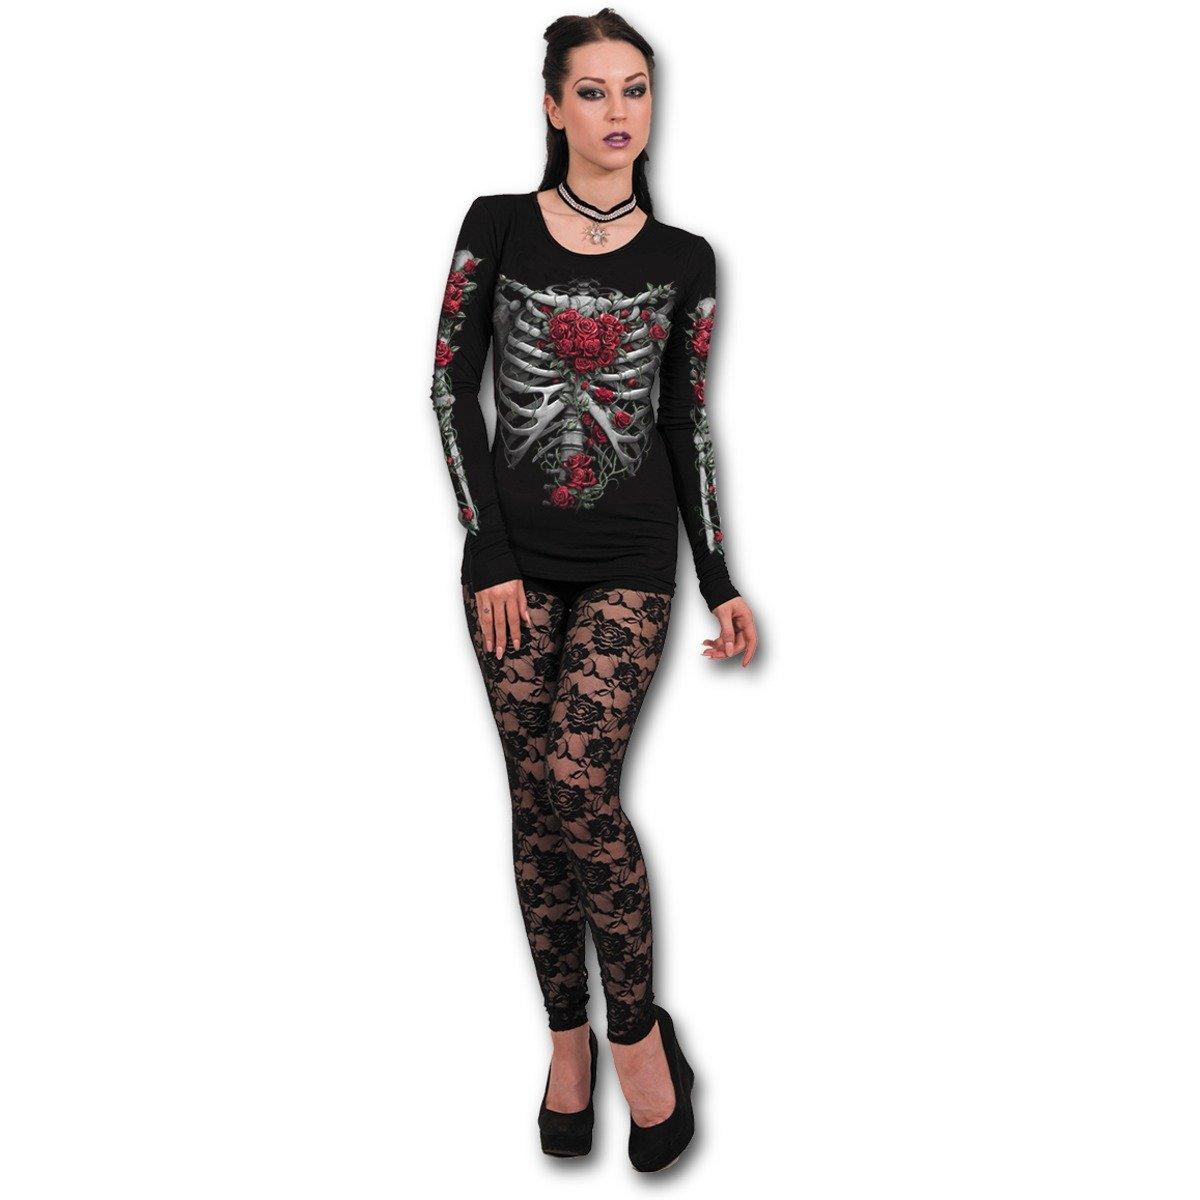 Spiral - ROSE BONES - Baggy Top Black Spiral Direct Ltd K044F440